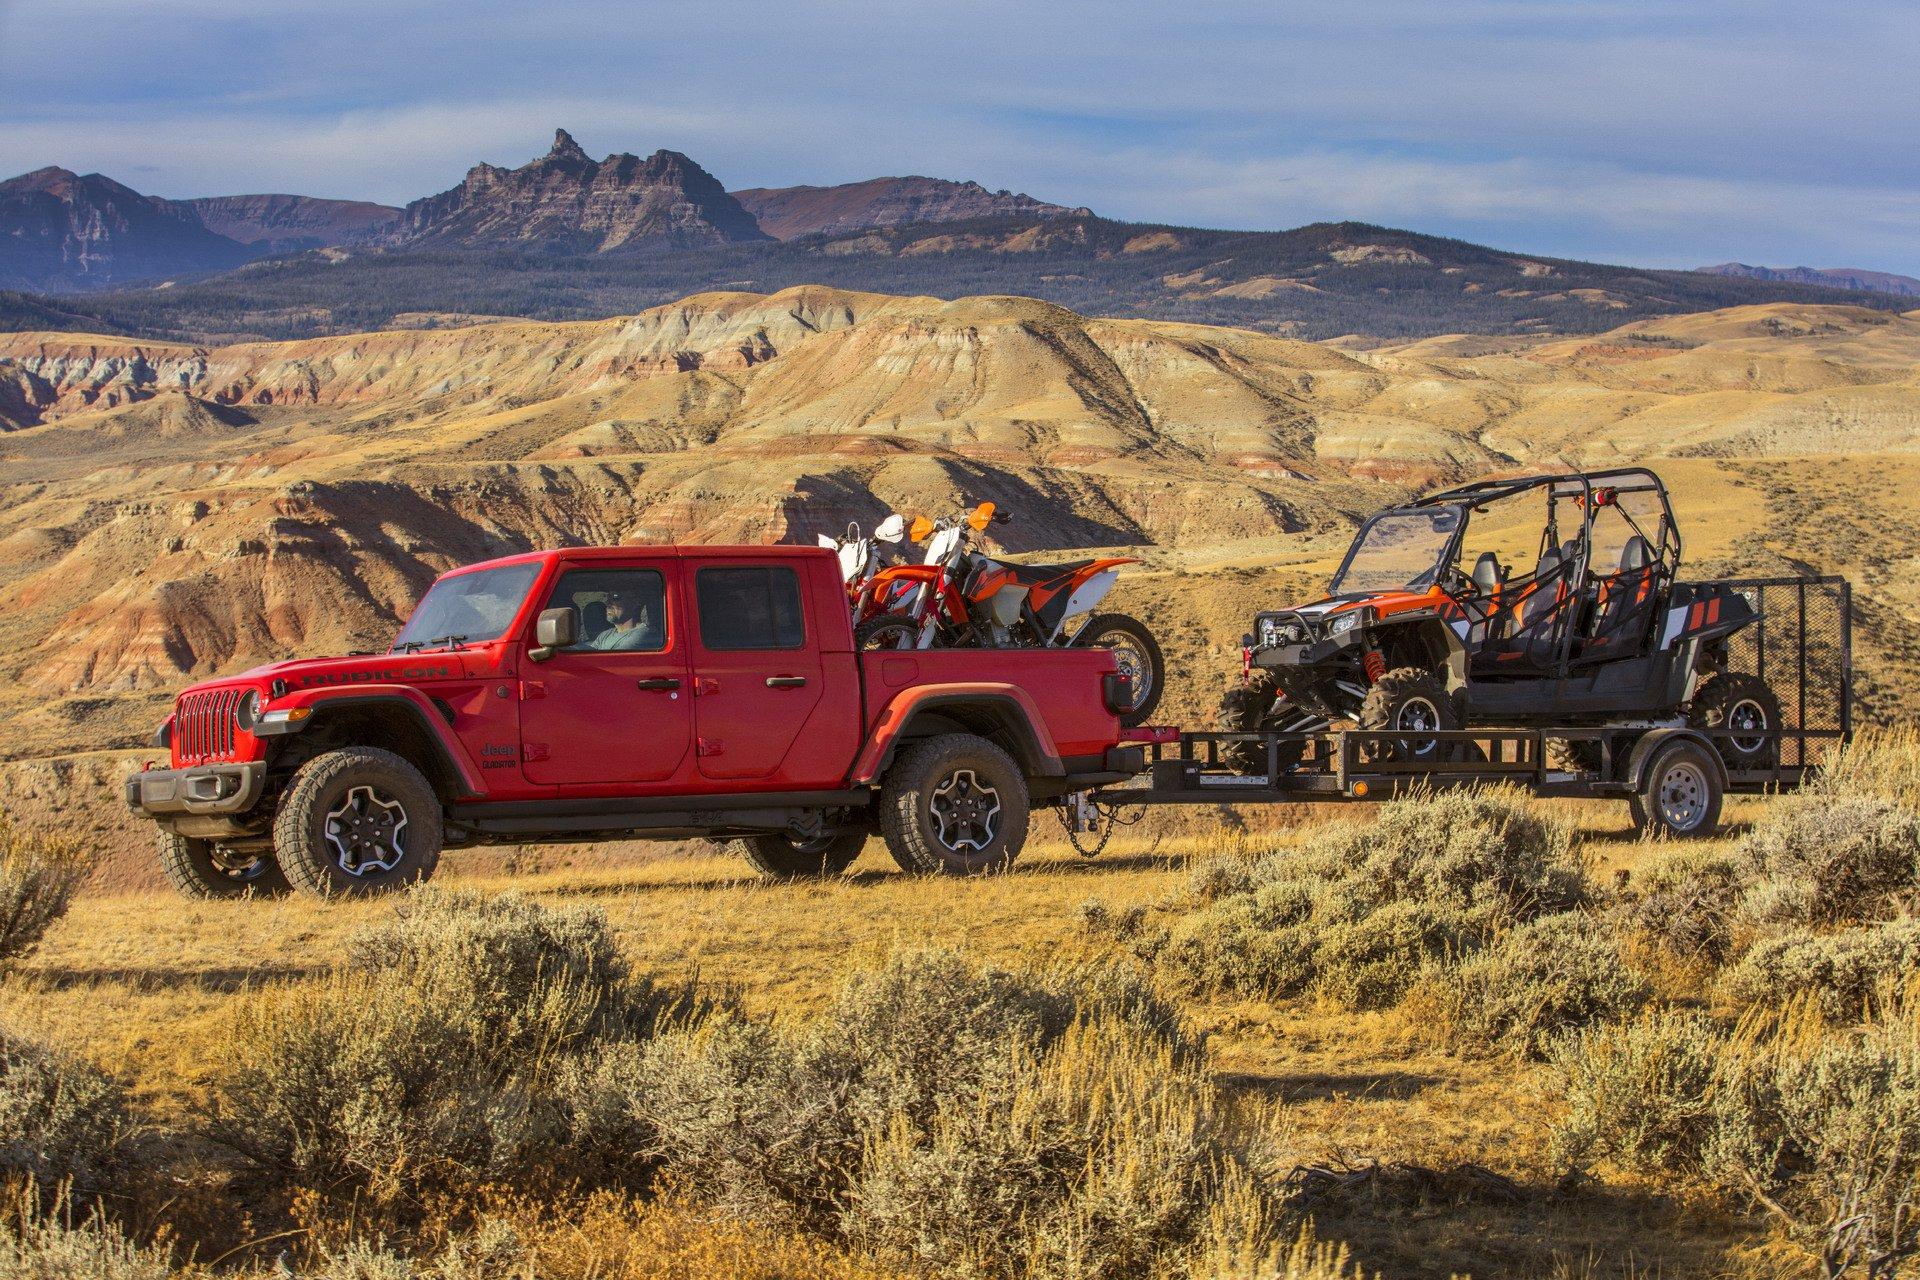 Jeep Gladiator 2019 (89)